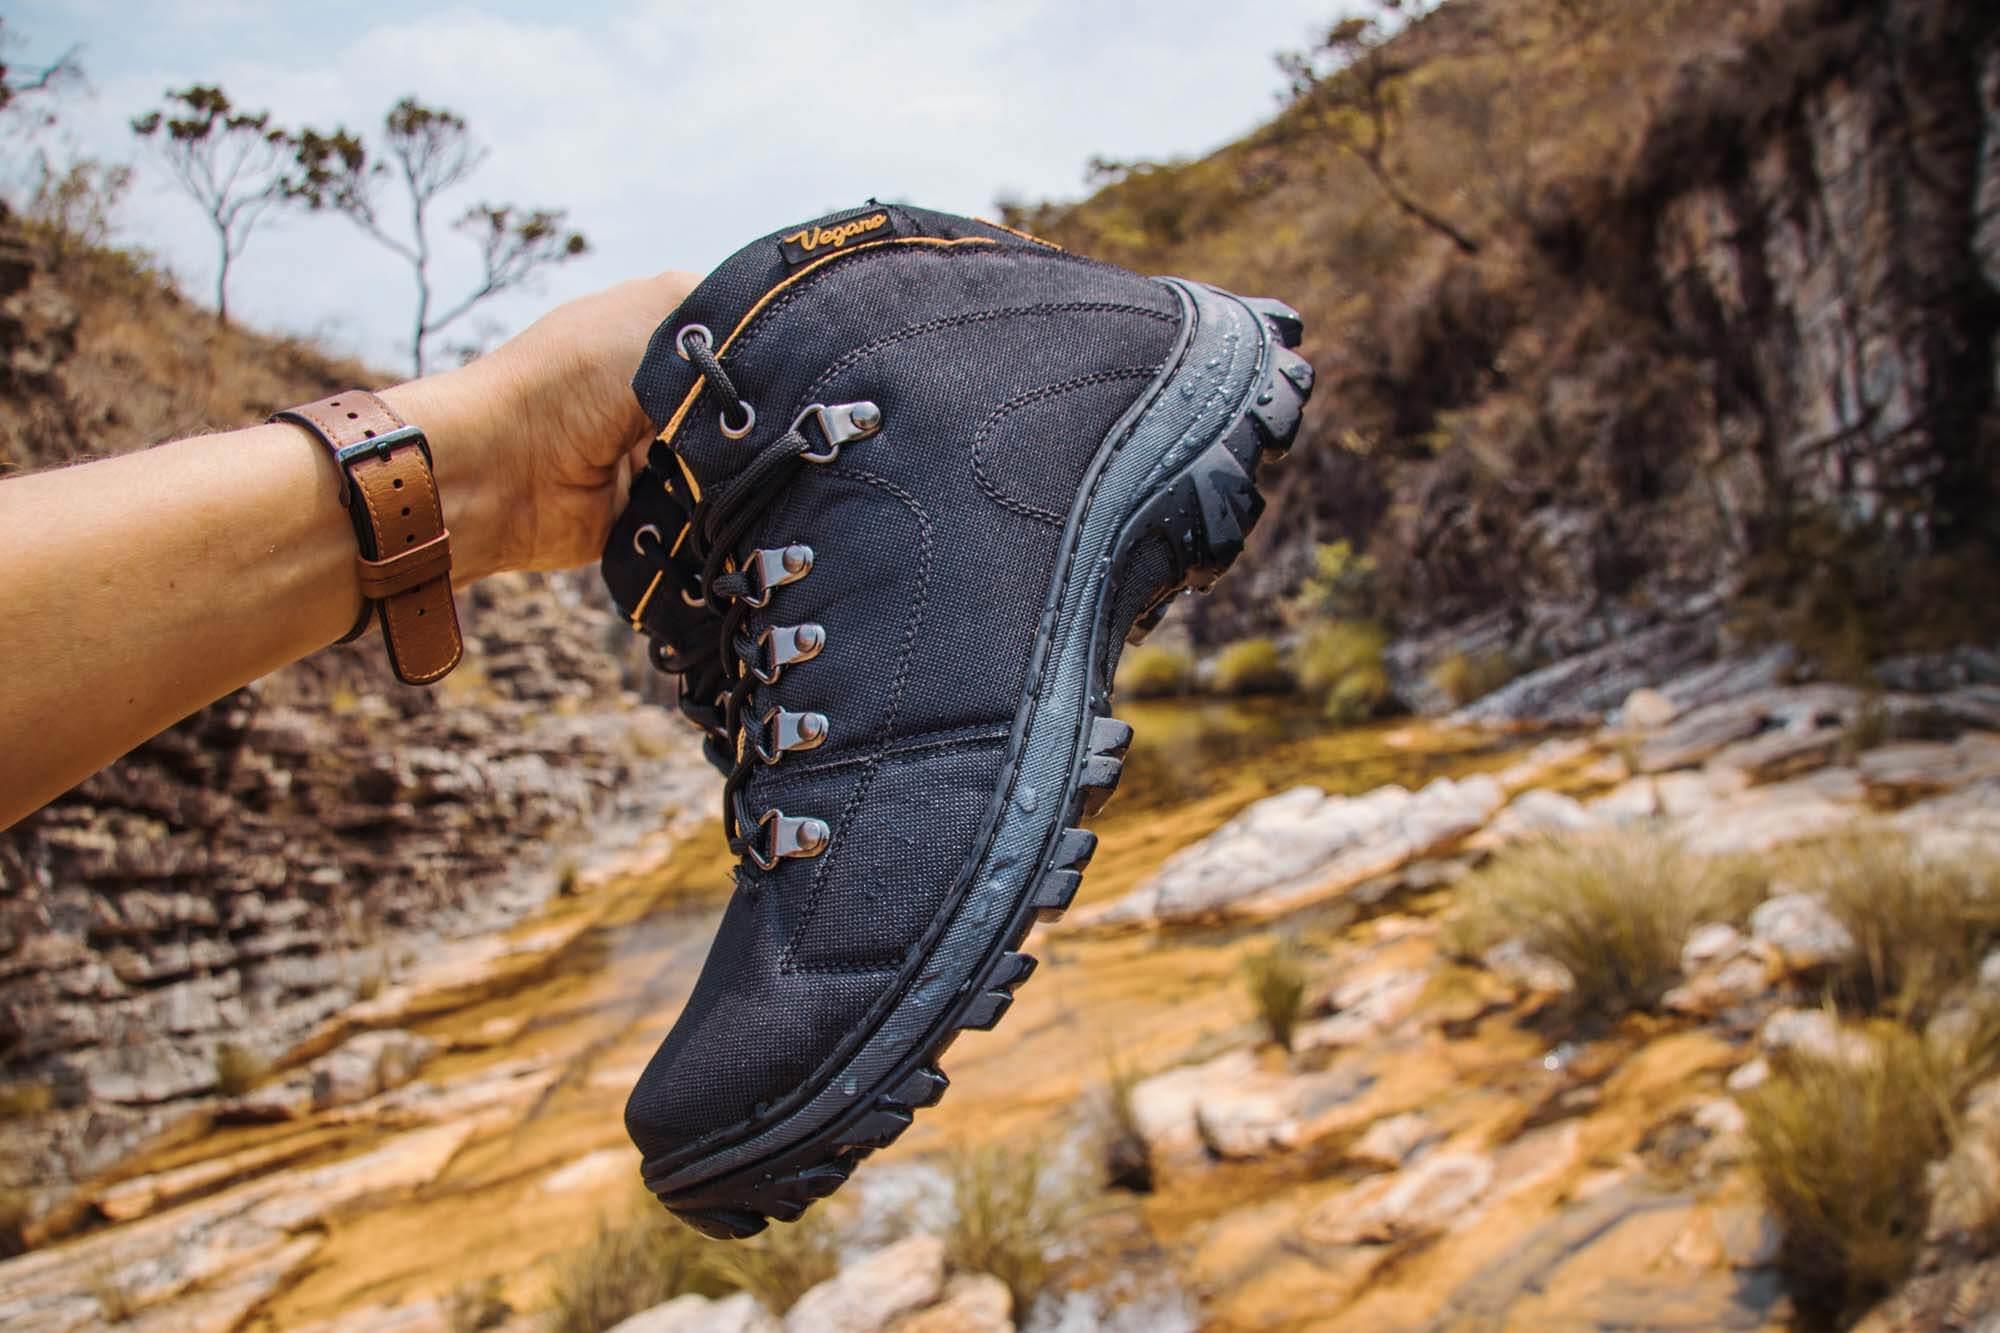 Bota Vegano Shoes Cross Amazônia Preta